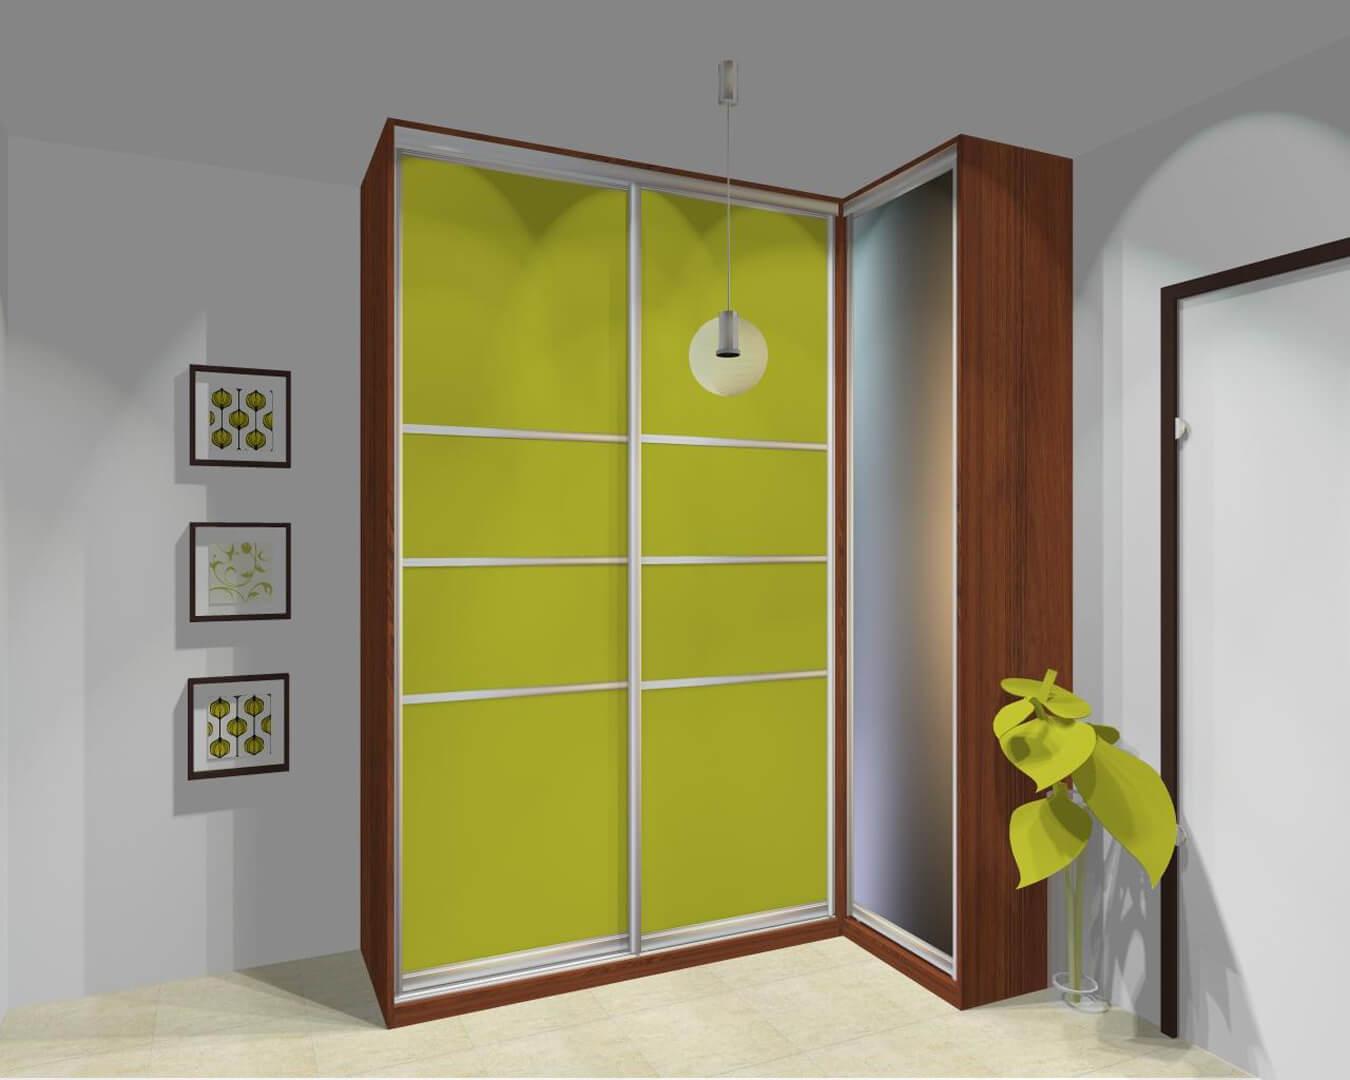 Projekt szafy narożnej z zielonymi drzwiami przesuwnymi w przedpokoju